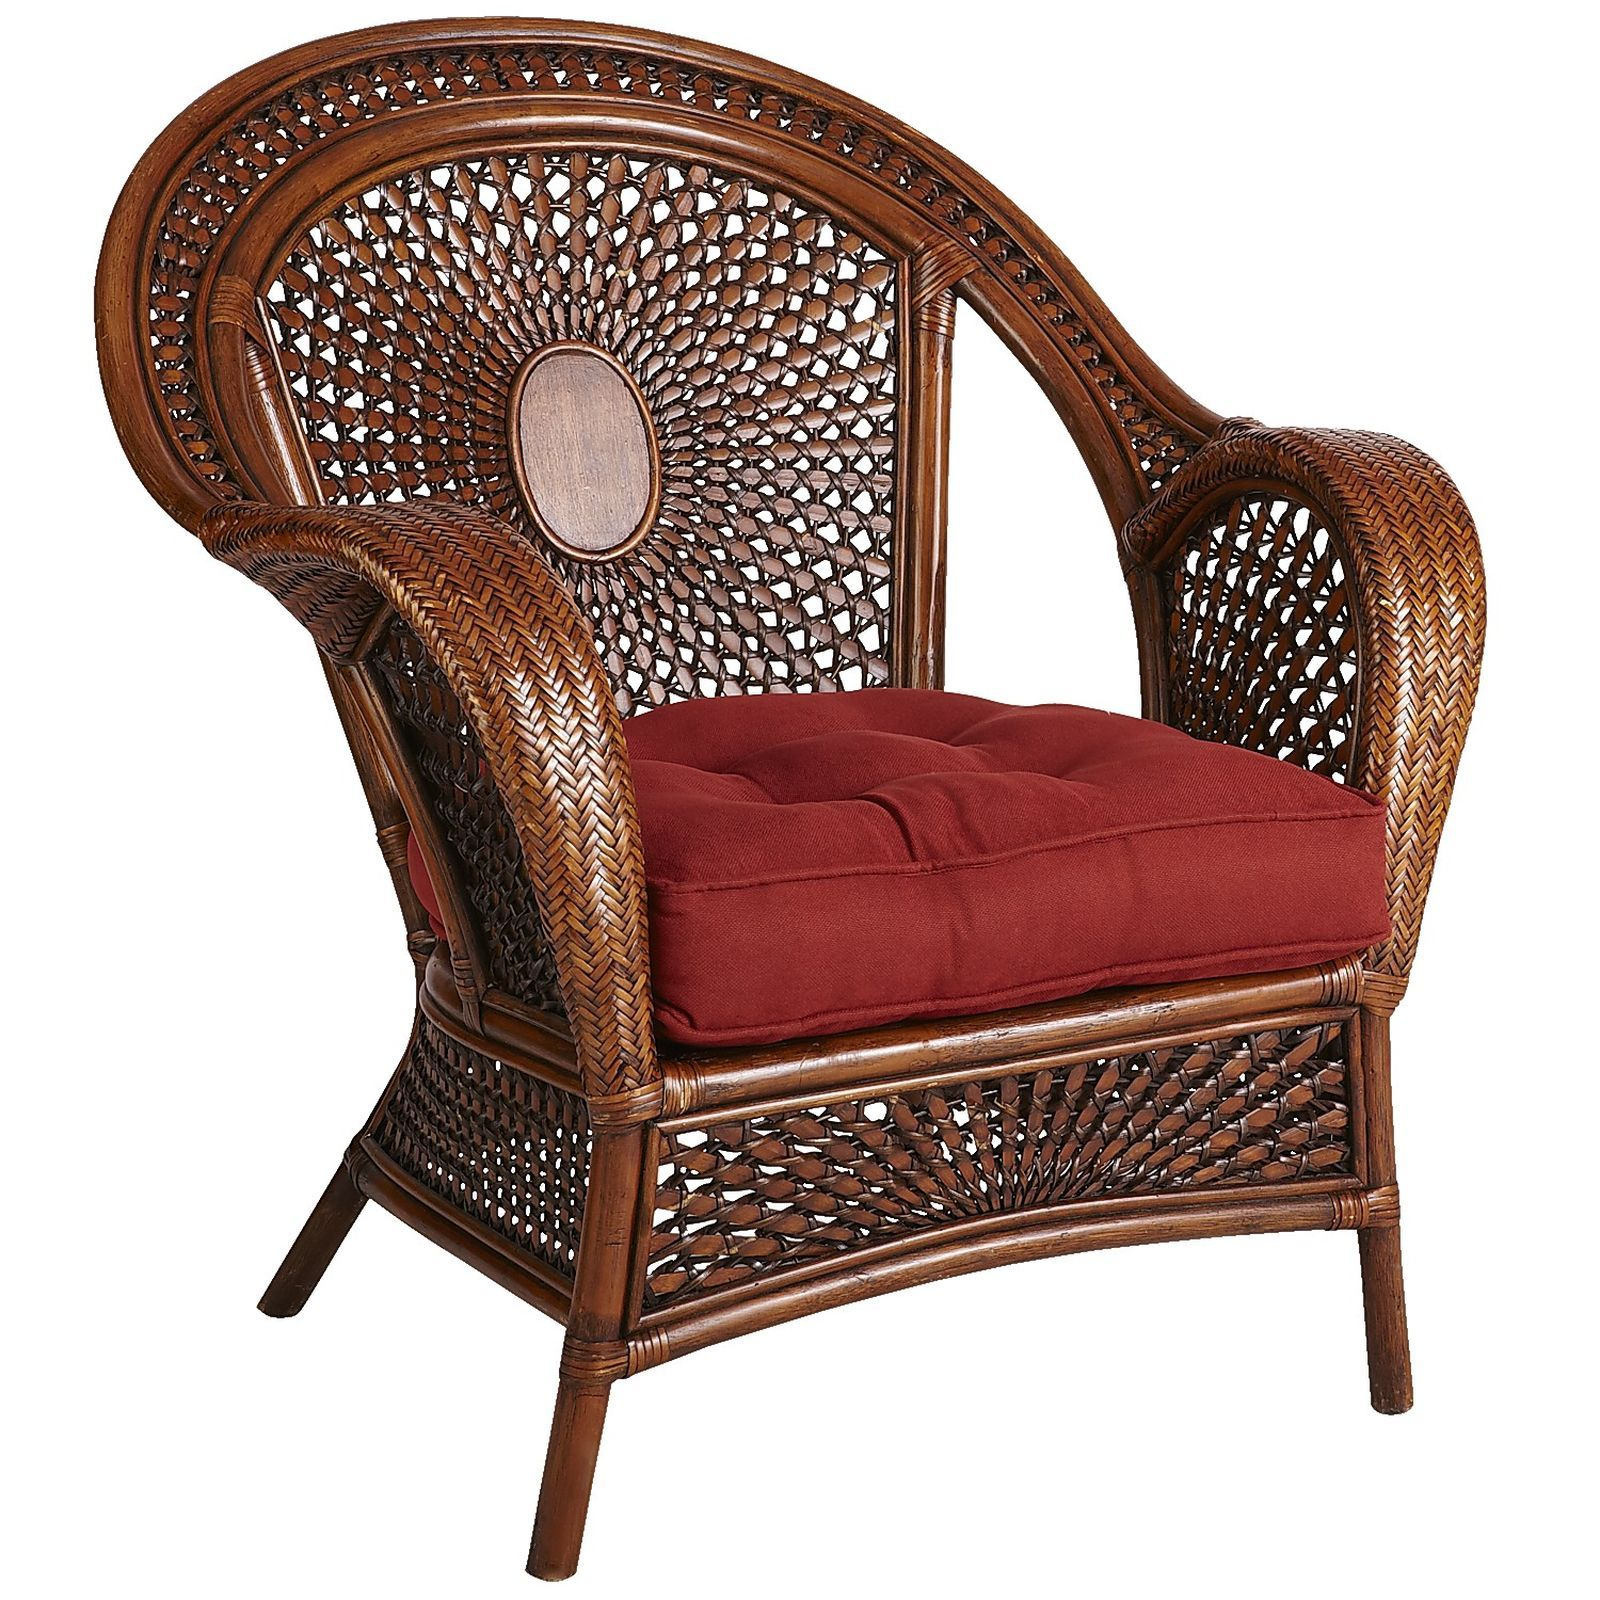 Azteca Armchair Pecan Brown Pier 1 Imports Wicker Furniture